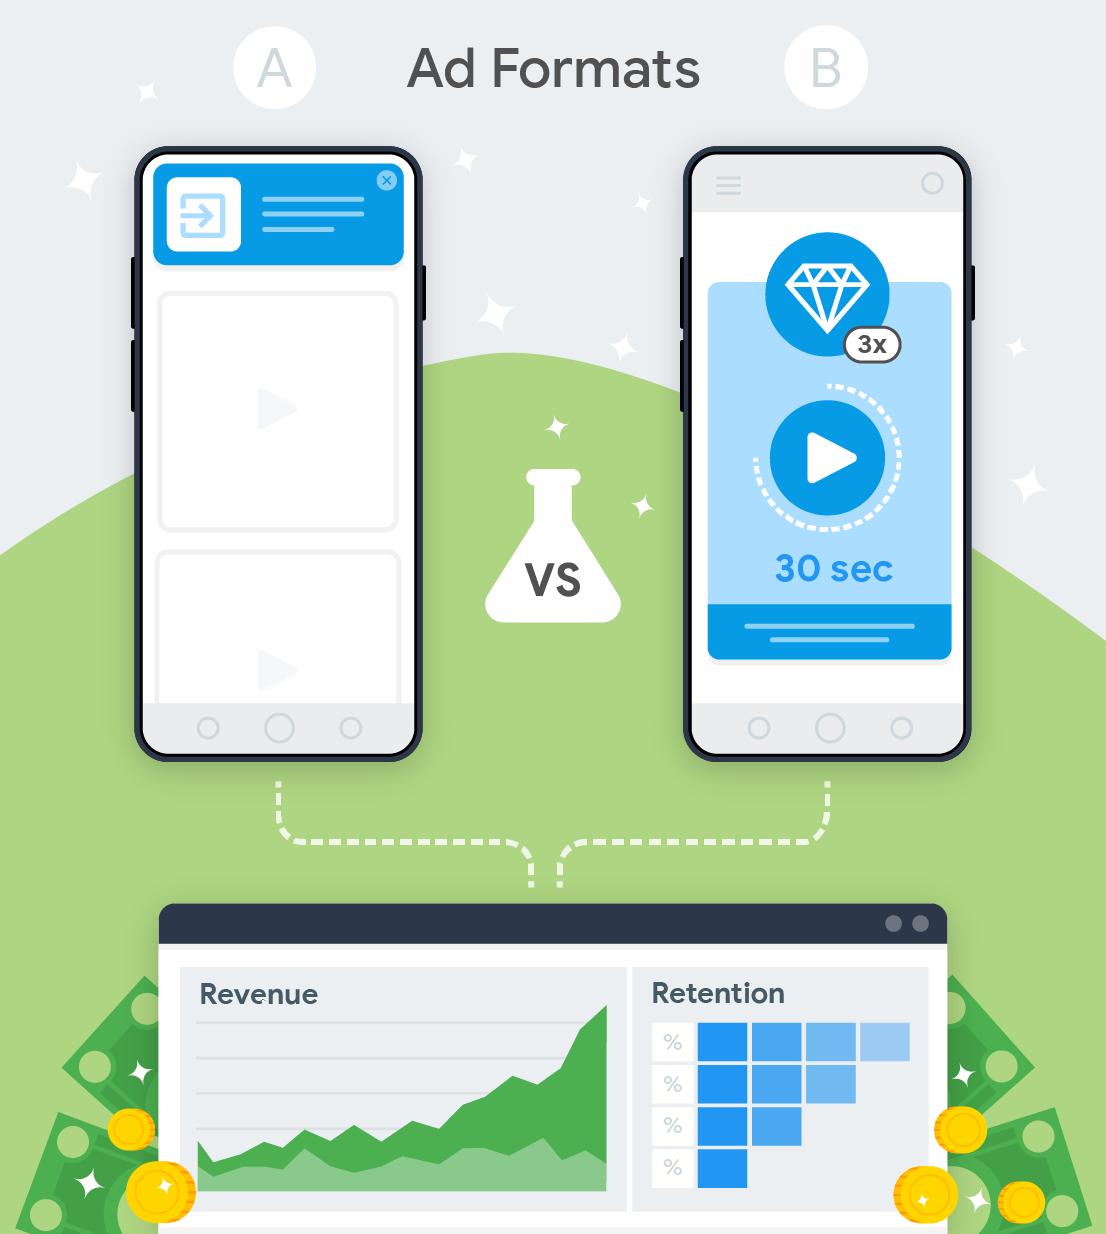 두 가지 광고 형식과 수익 및 유지율에 대한 영향 테스트